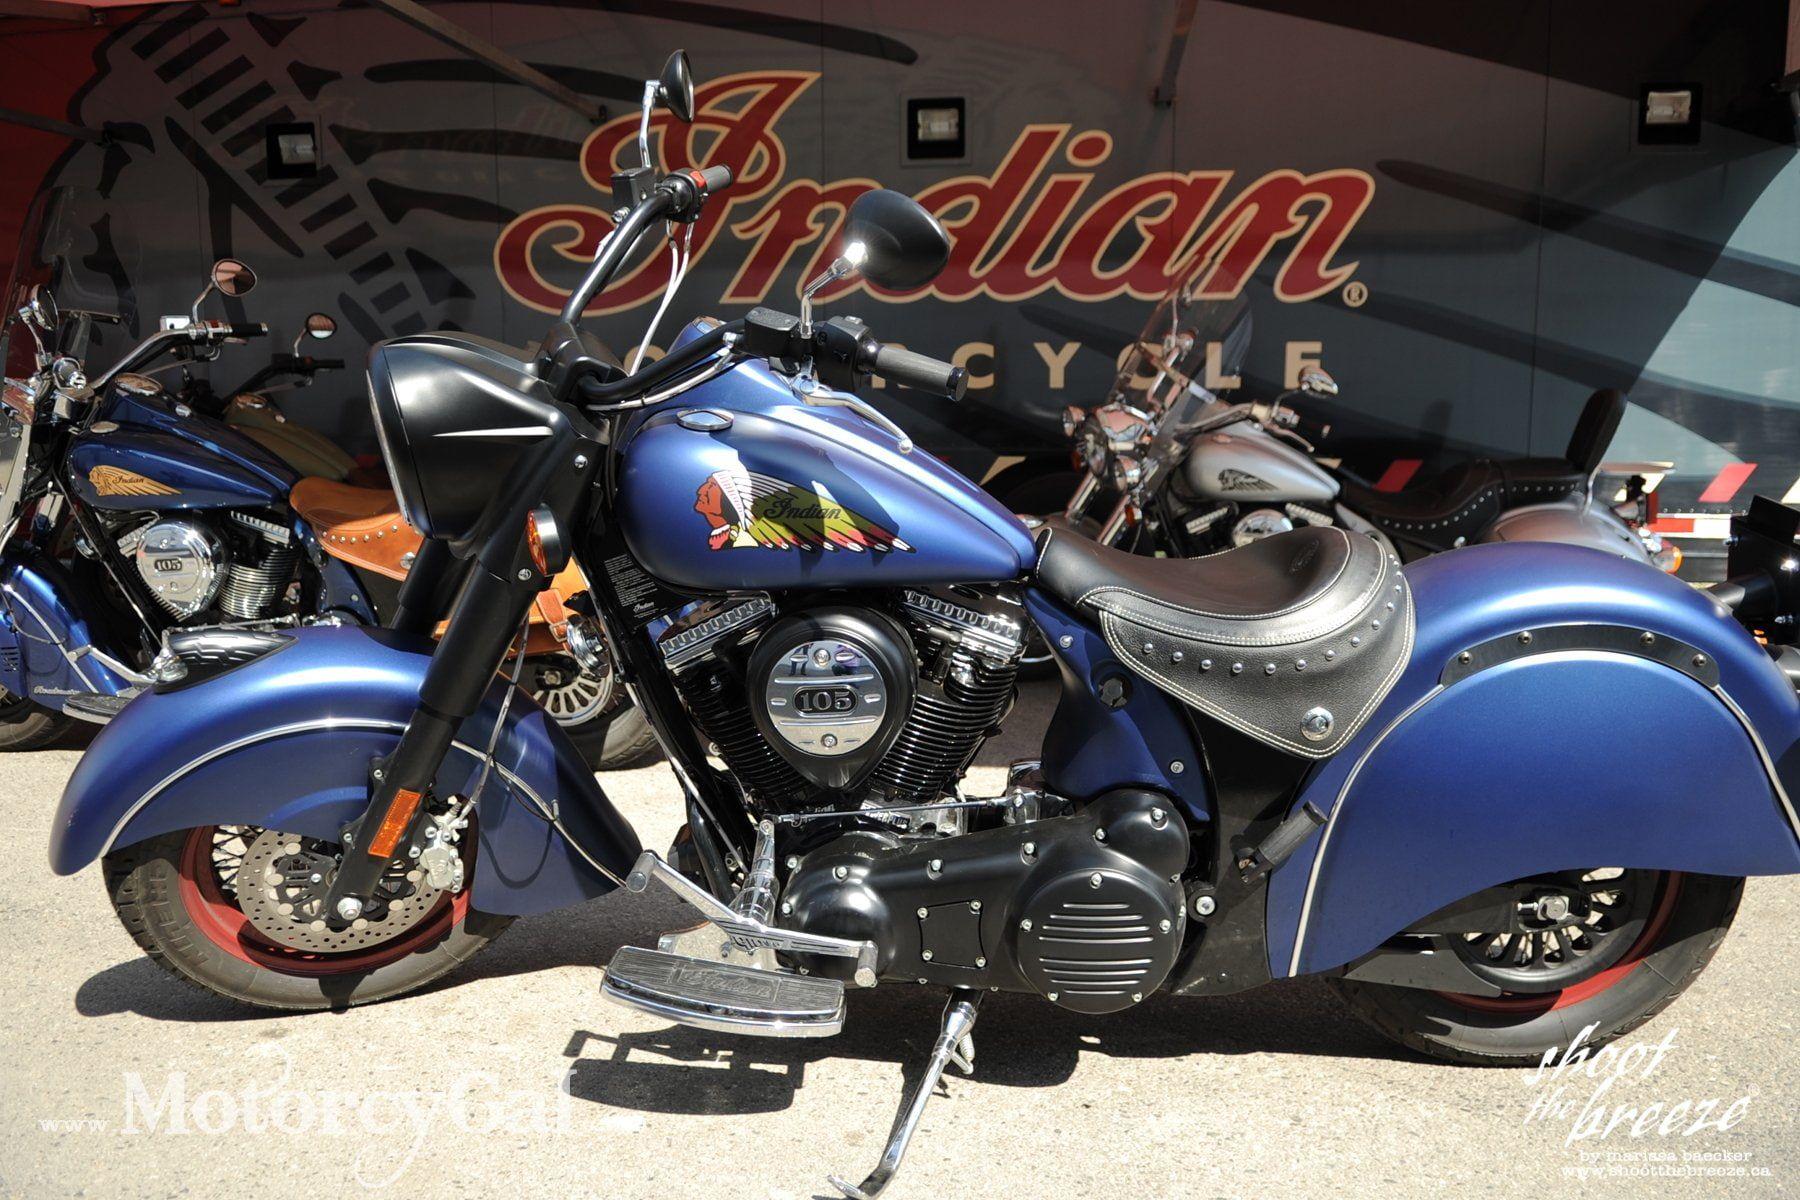 Bike Indian Motorbike Motorcycle 720p Wallpaper Hdwallpaper